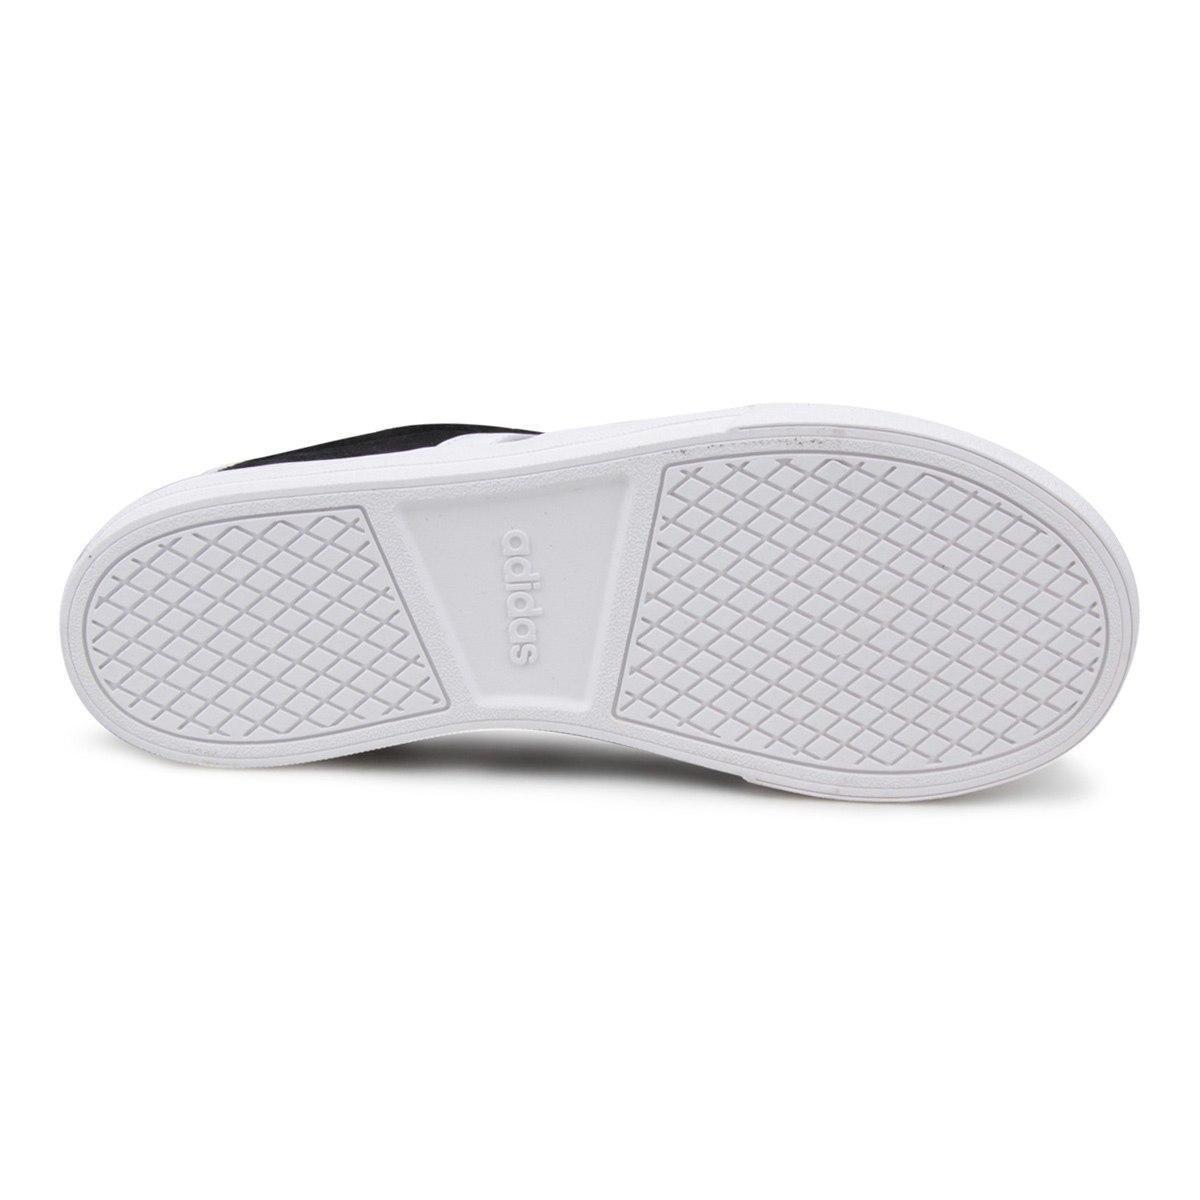 a56446c38b8 Tênis Infantil Adidas Daily 2 K - Compre Agora